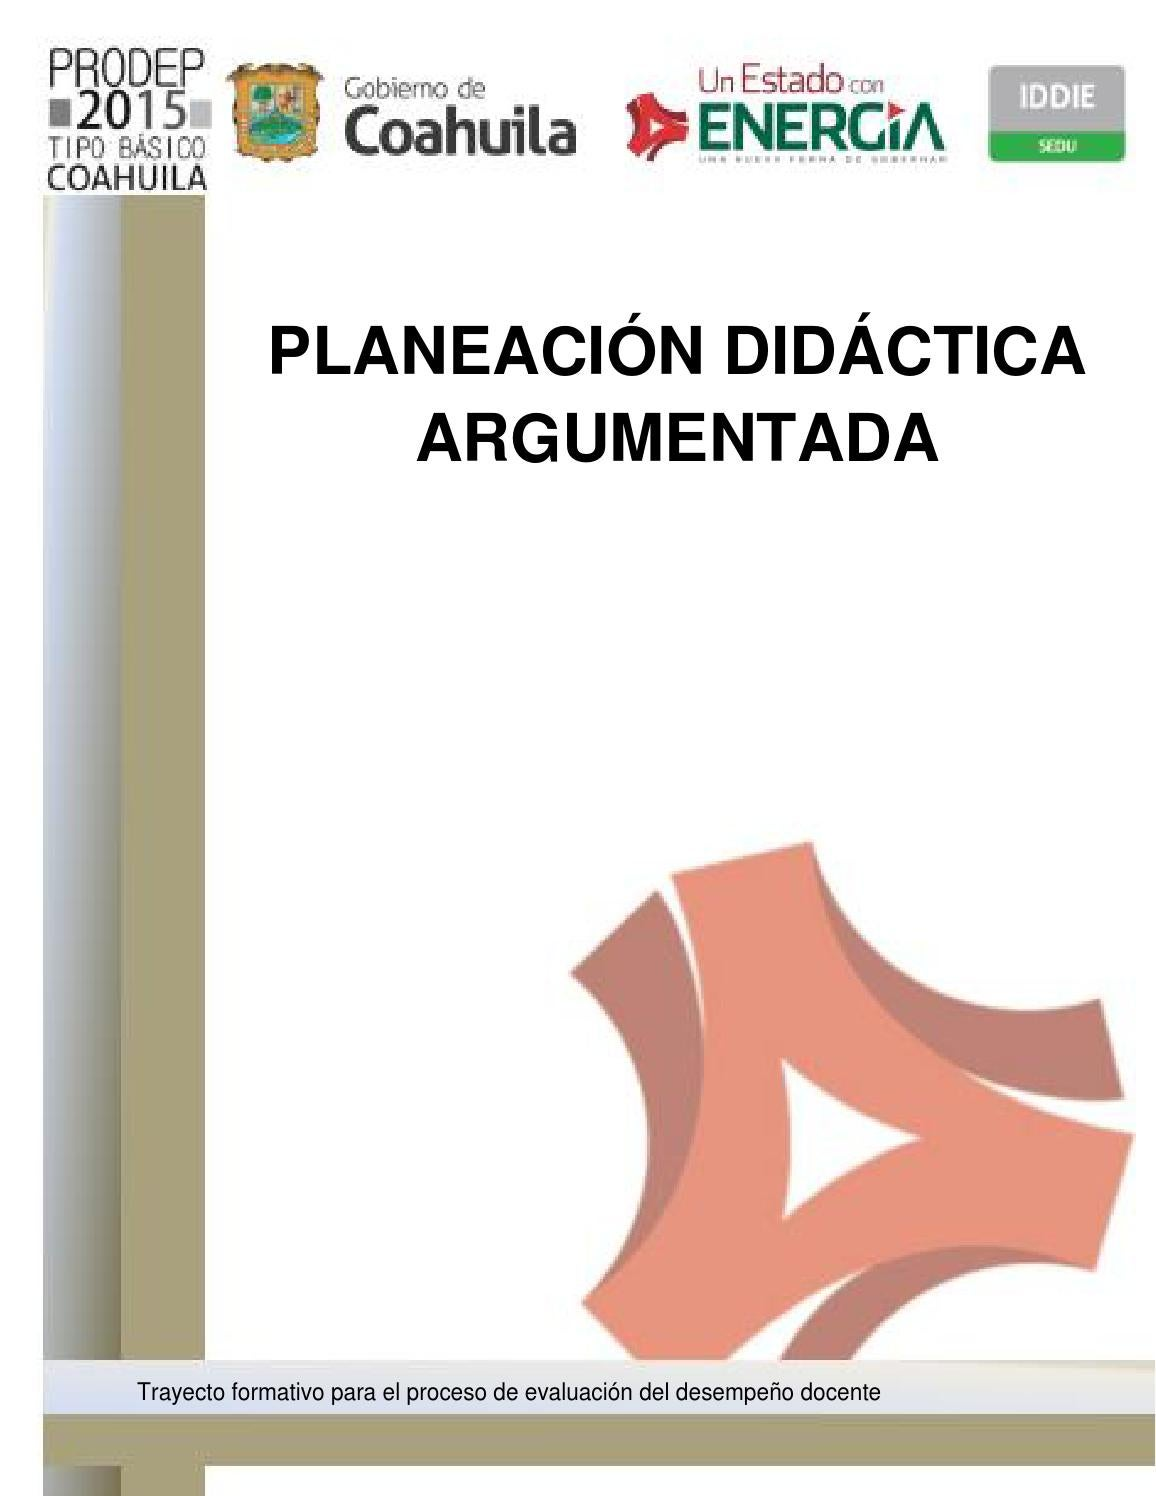 Planeación didáctica argumentada by Abigail Juarez Maruri - issuu